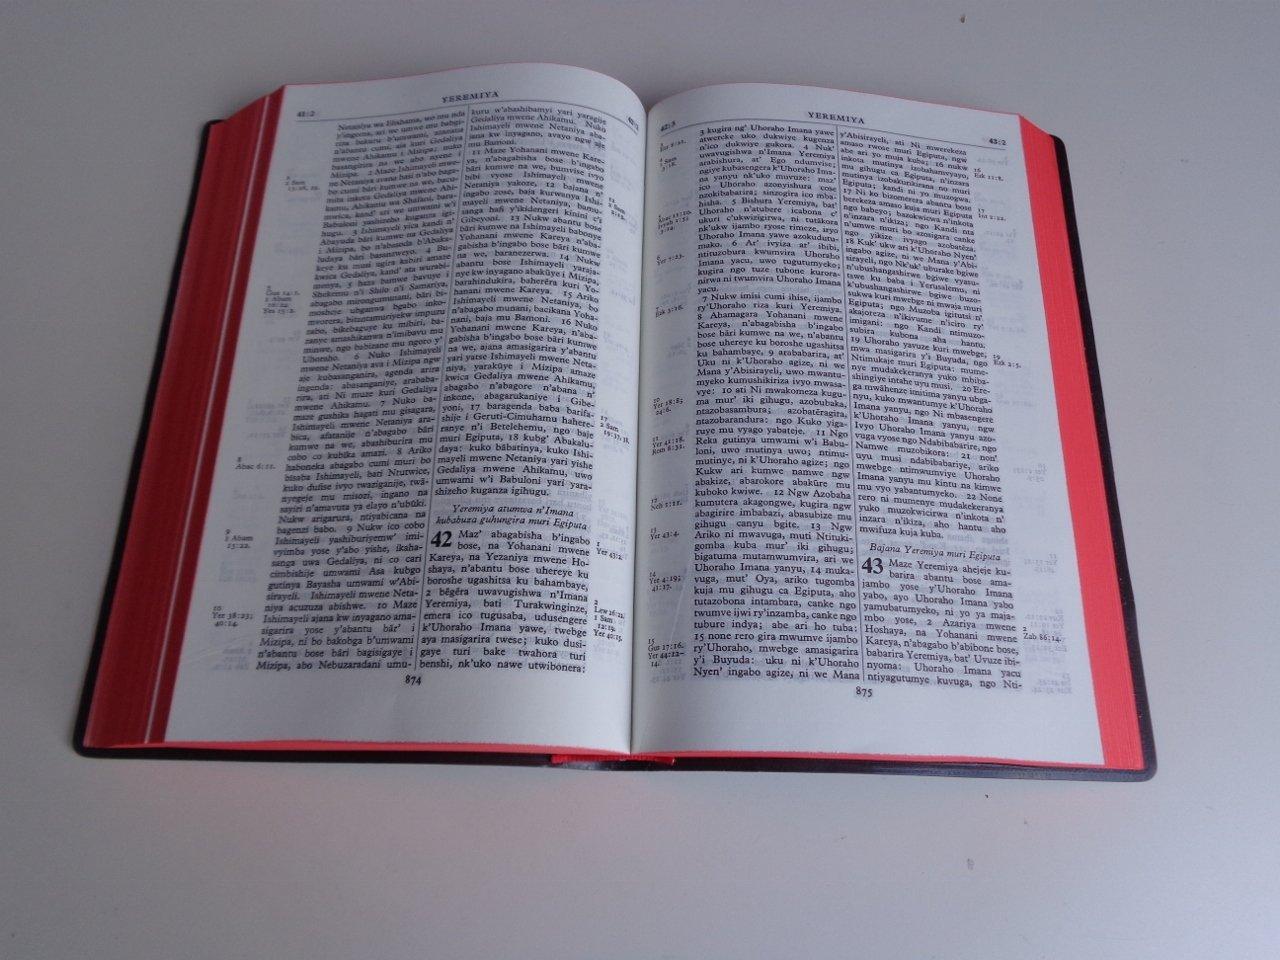 Kirundi Bible 052 Bibiliya Yera / Societe Biblique du Burundi / Ivyanditswe  Vyera vy'Imana ari vyo vyitwa / birimw' Isezerano rya Kera n'Isezerano  Risha: Bible Society, Bible Society of Burundi, Societe Biblique